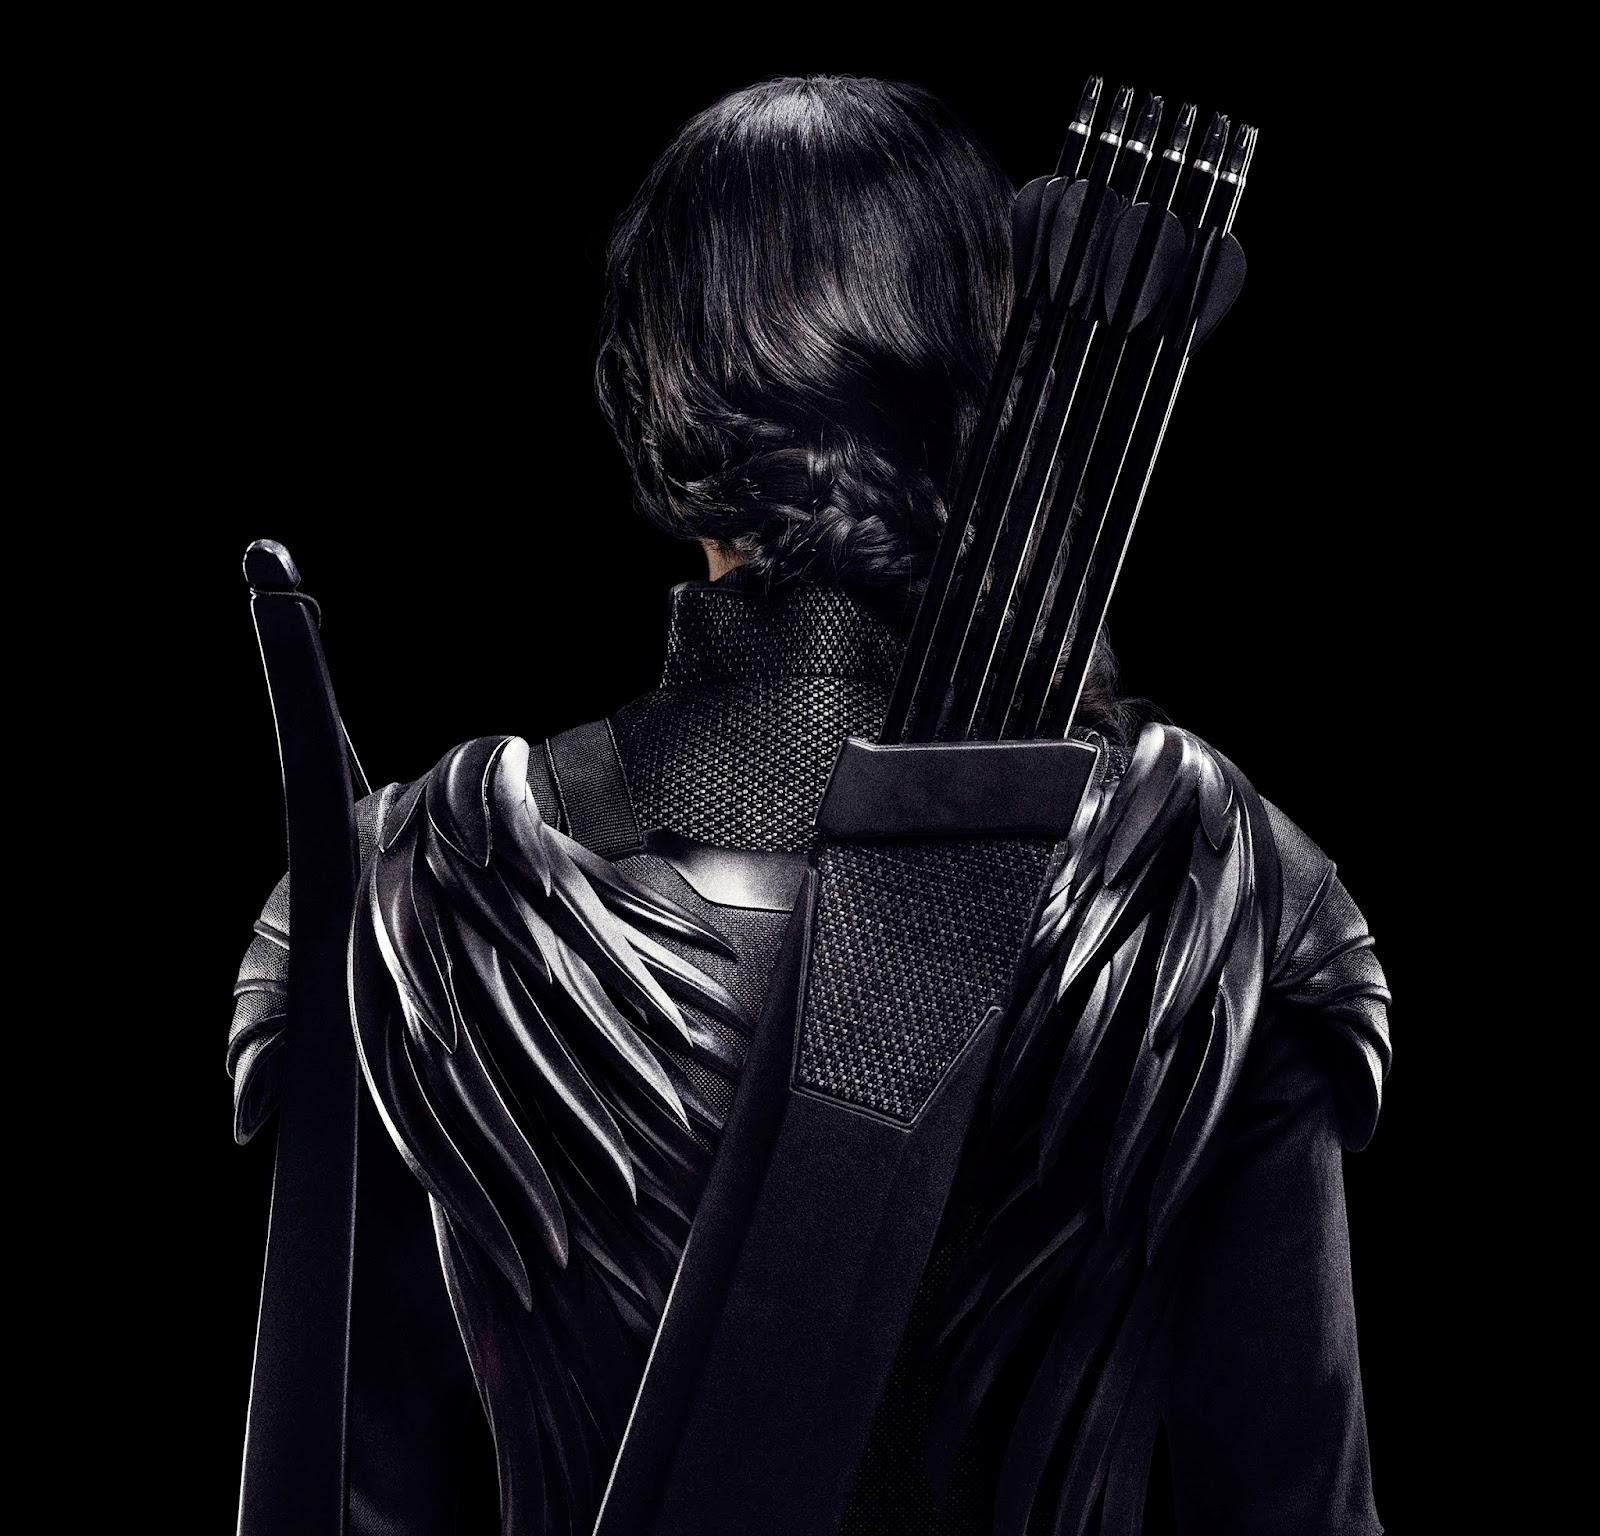 Cartel final de 'Los Juegos del Hambre: Sinsajo. Parte 1'. Katniss Everdeen. MÁS CINE. Making Of. Noticias